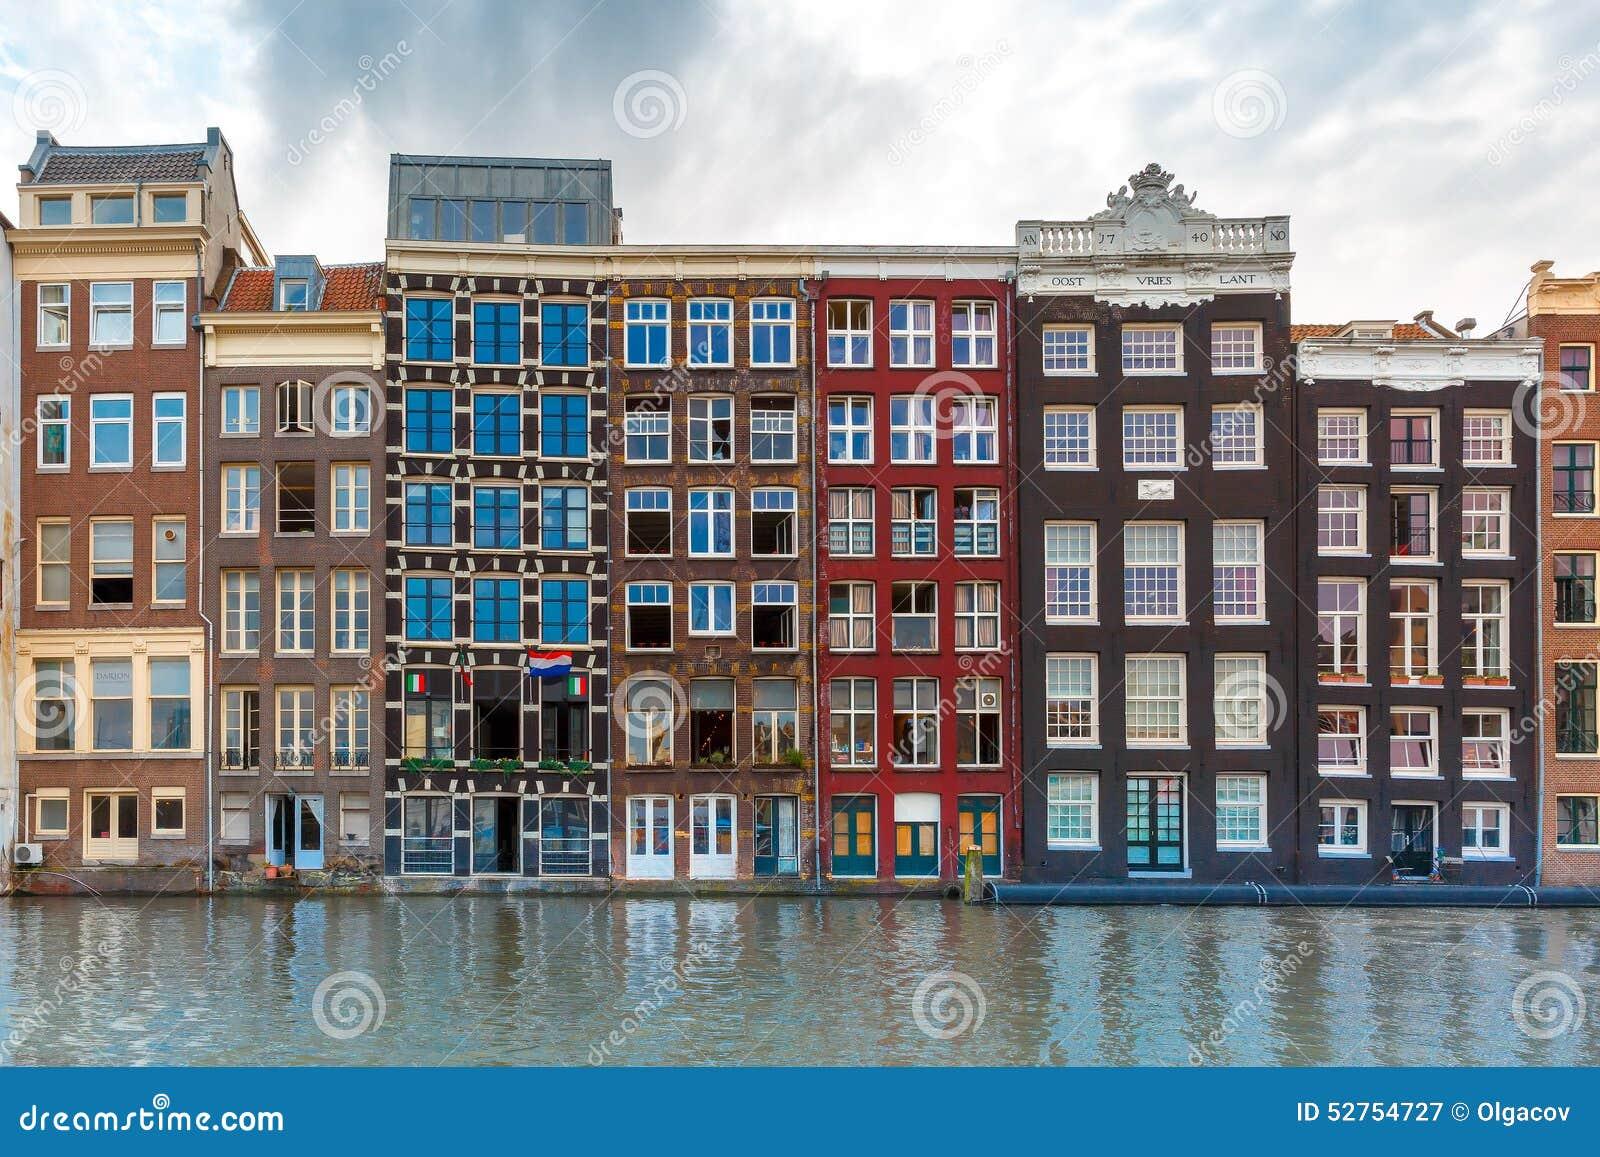 Häuser In Holland : amsterdam kan le und typische h user holland stockbild ~ Watch28wear.com Haus und Dekorationen